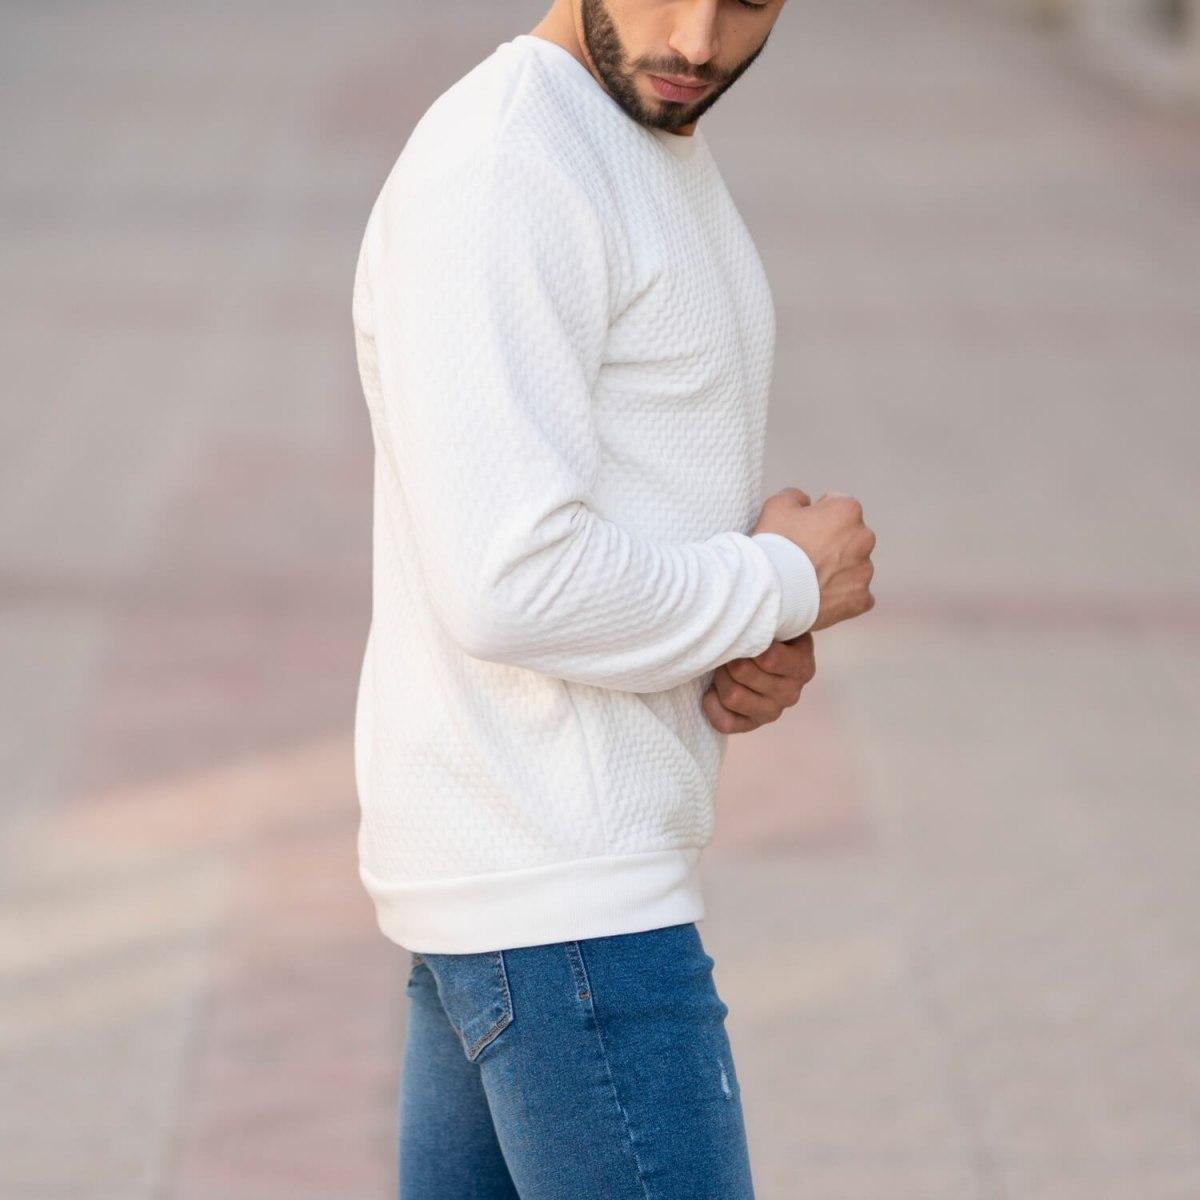 Casual SweatShirt in White Mv Premium Brand - 3